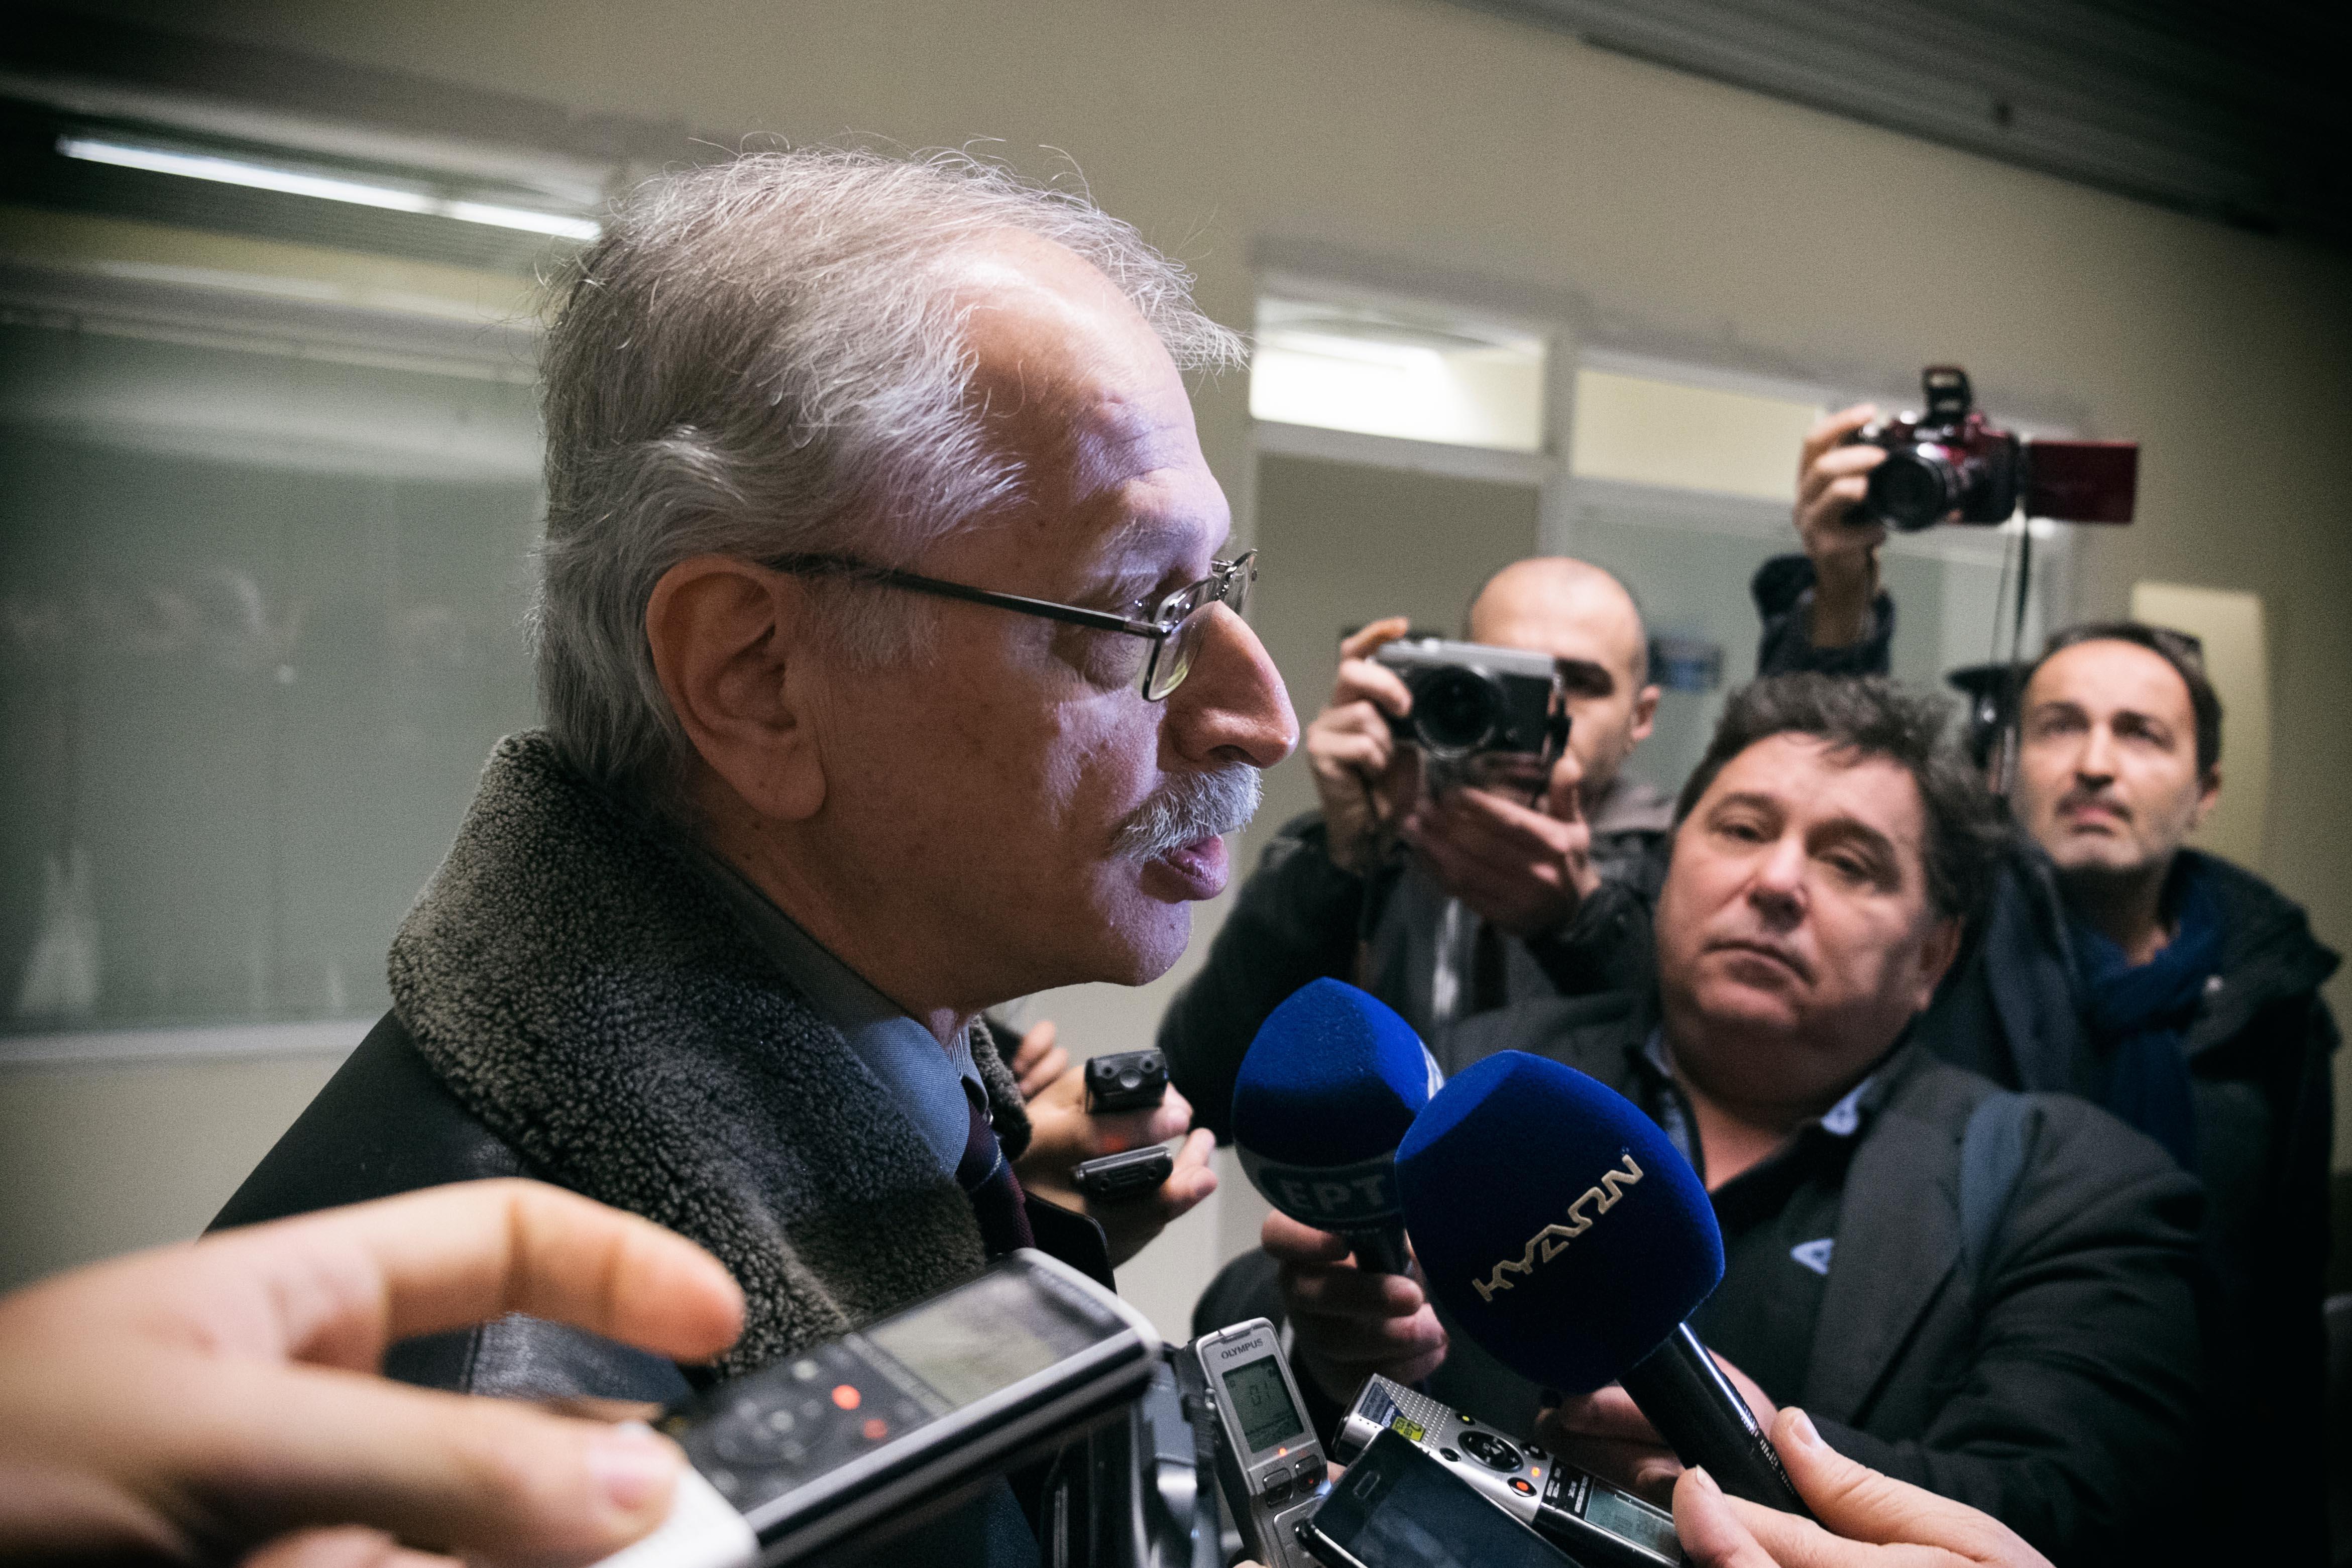 Ο πρόεδρος της ΟΣΥΠΑ κ. Αλεβιζόπουλος κατά τις δηλώσεις του στα μέσα ενημέρωσης